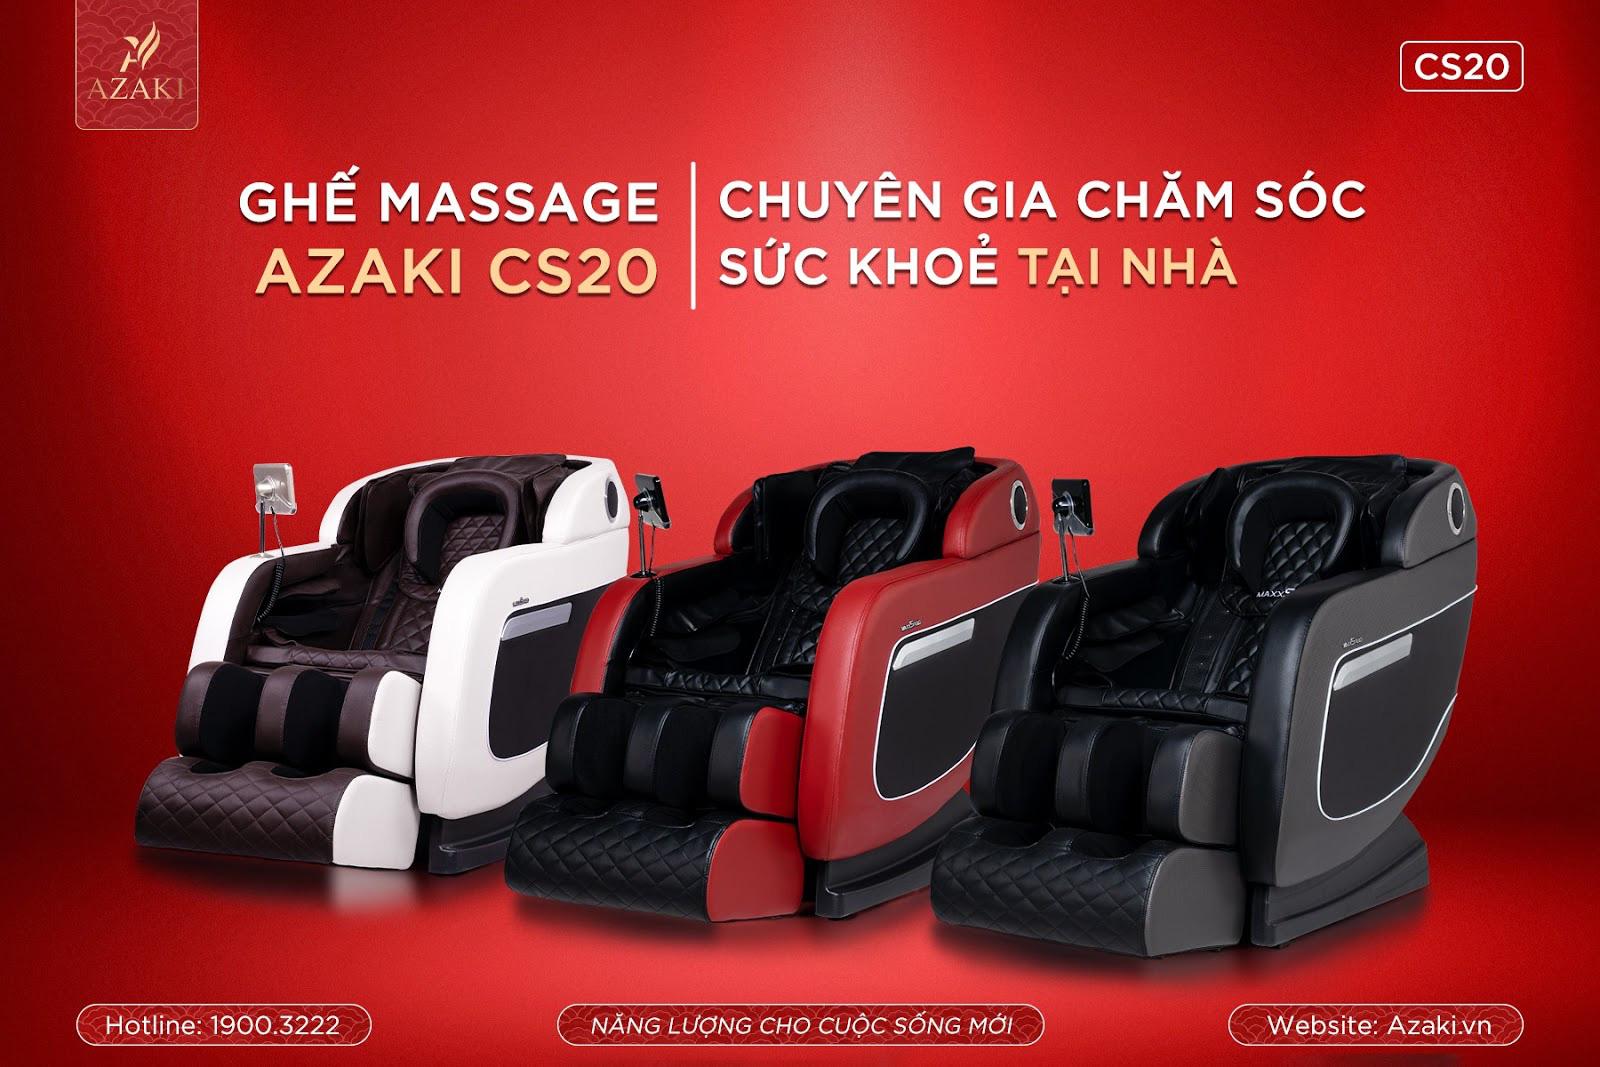 Bí quyết thành công của thương hiệu ghế massage Azaki - Ảnh 2.